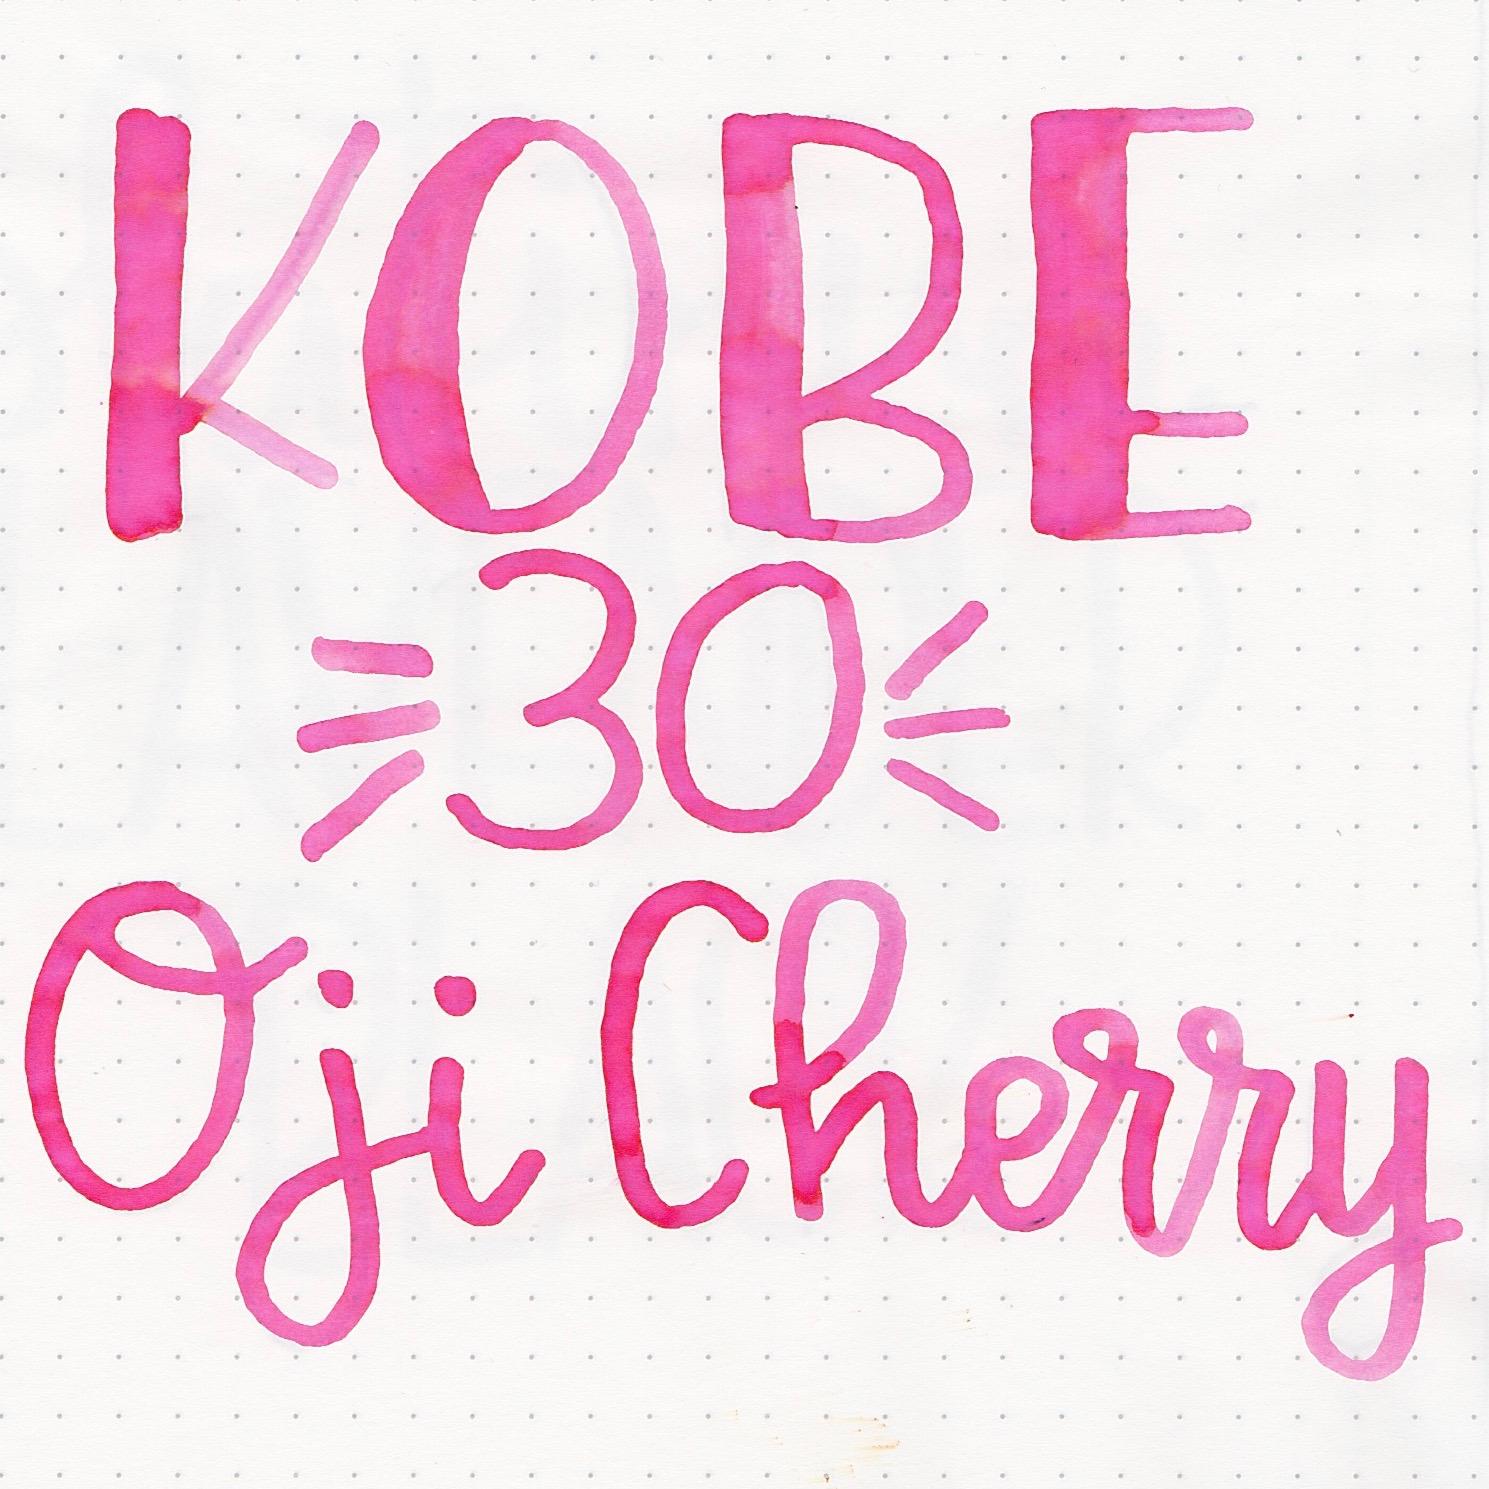 NK30OjiCherry - 6.jpg